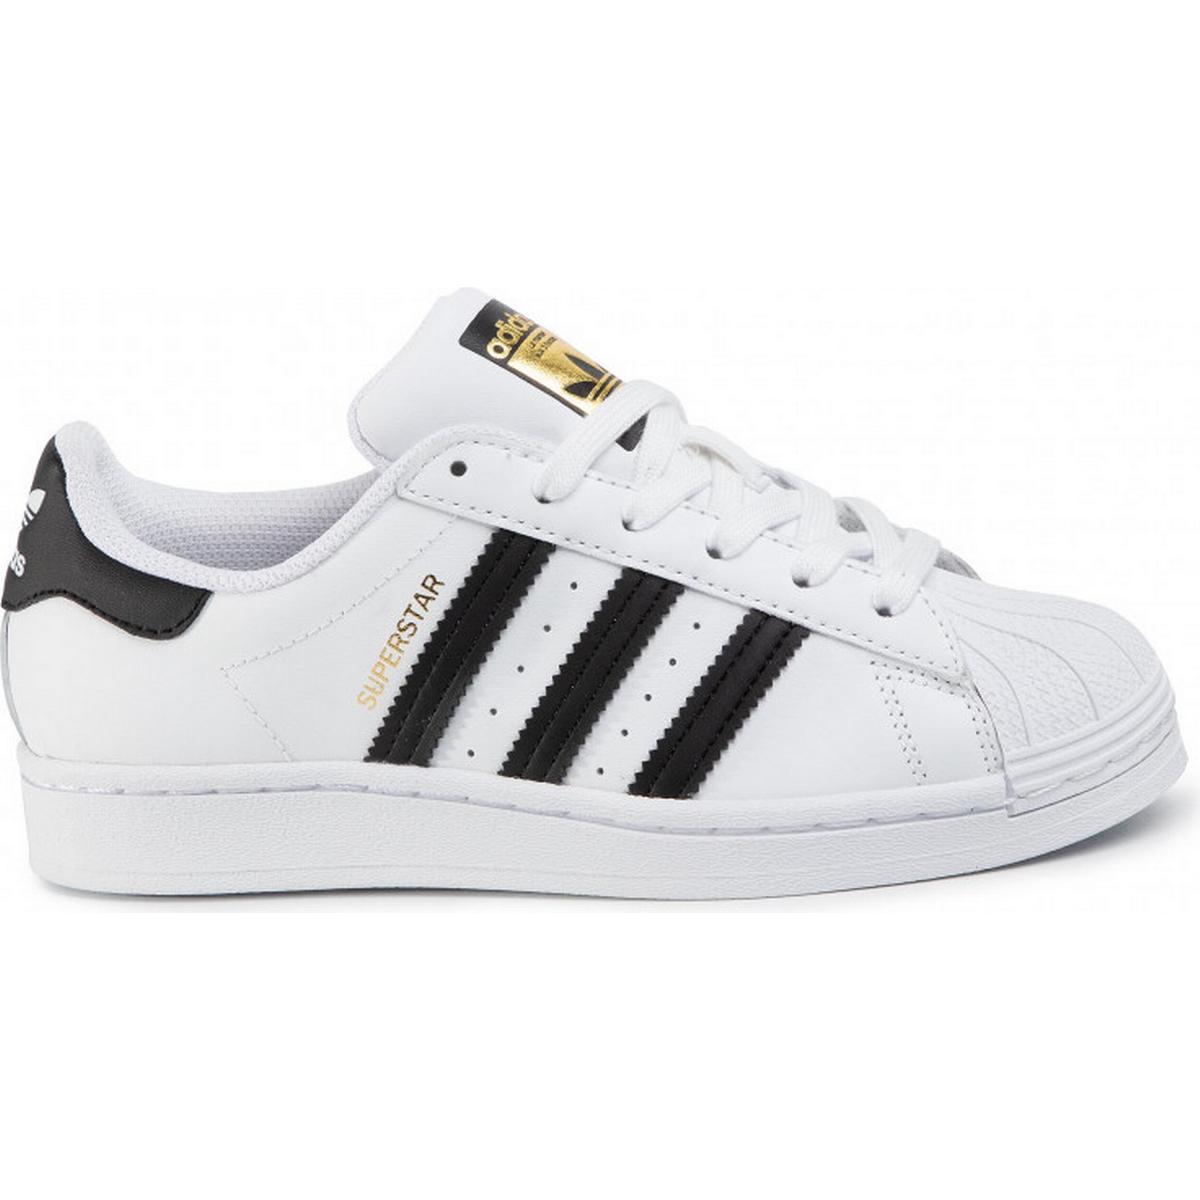 adidas superstar j white white metallic silver